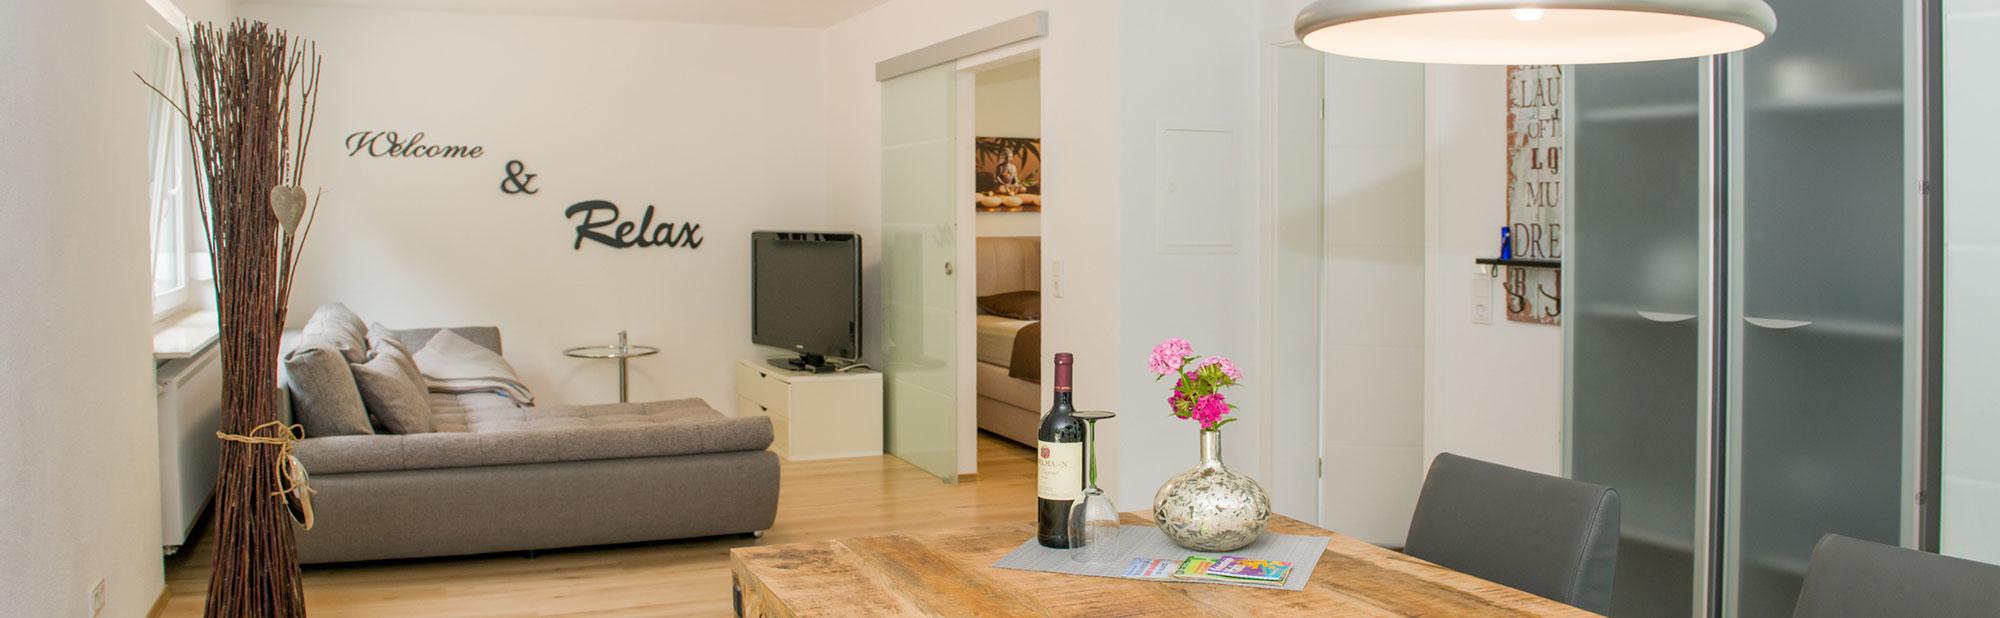 dietl-ferienwohnungen-urlaub-fewo-wandern-apartment-erholung-natur-weinfest-pfalz-weinstraße-sankt-m